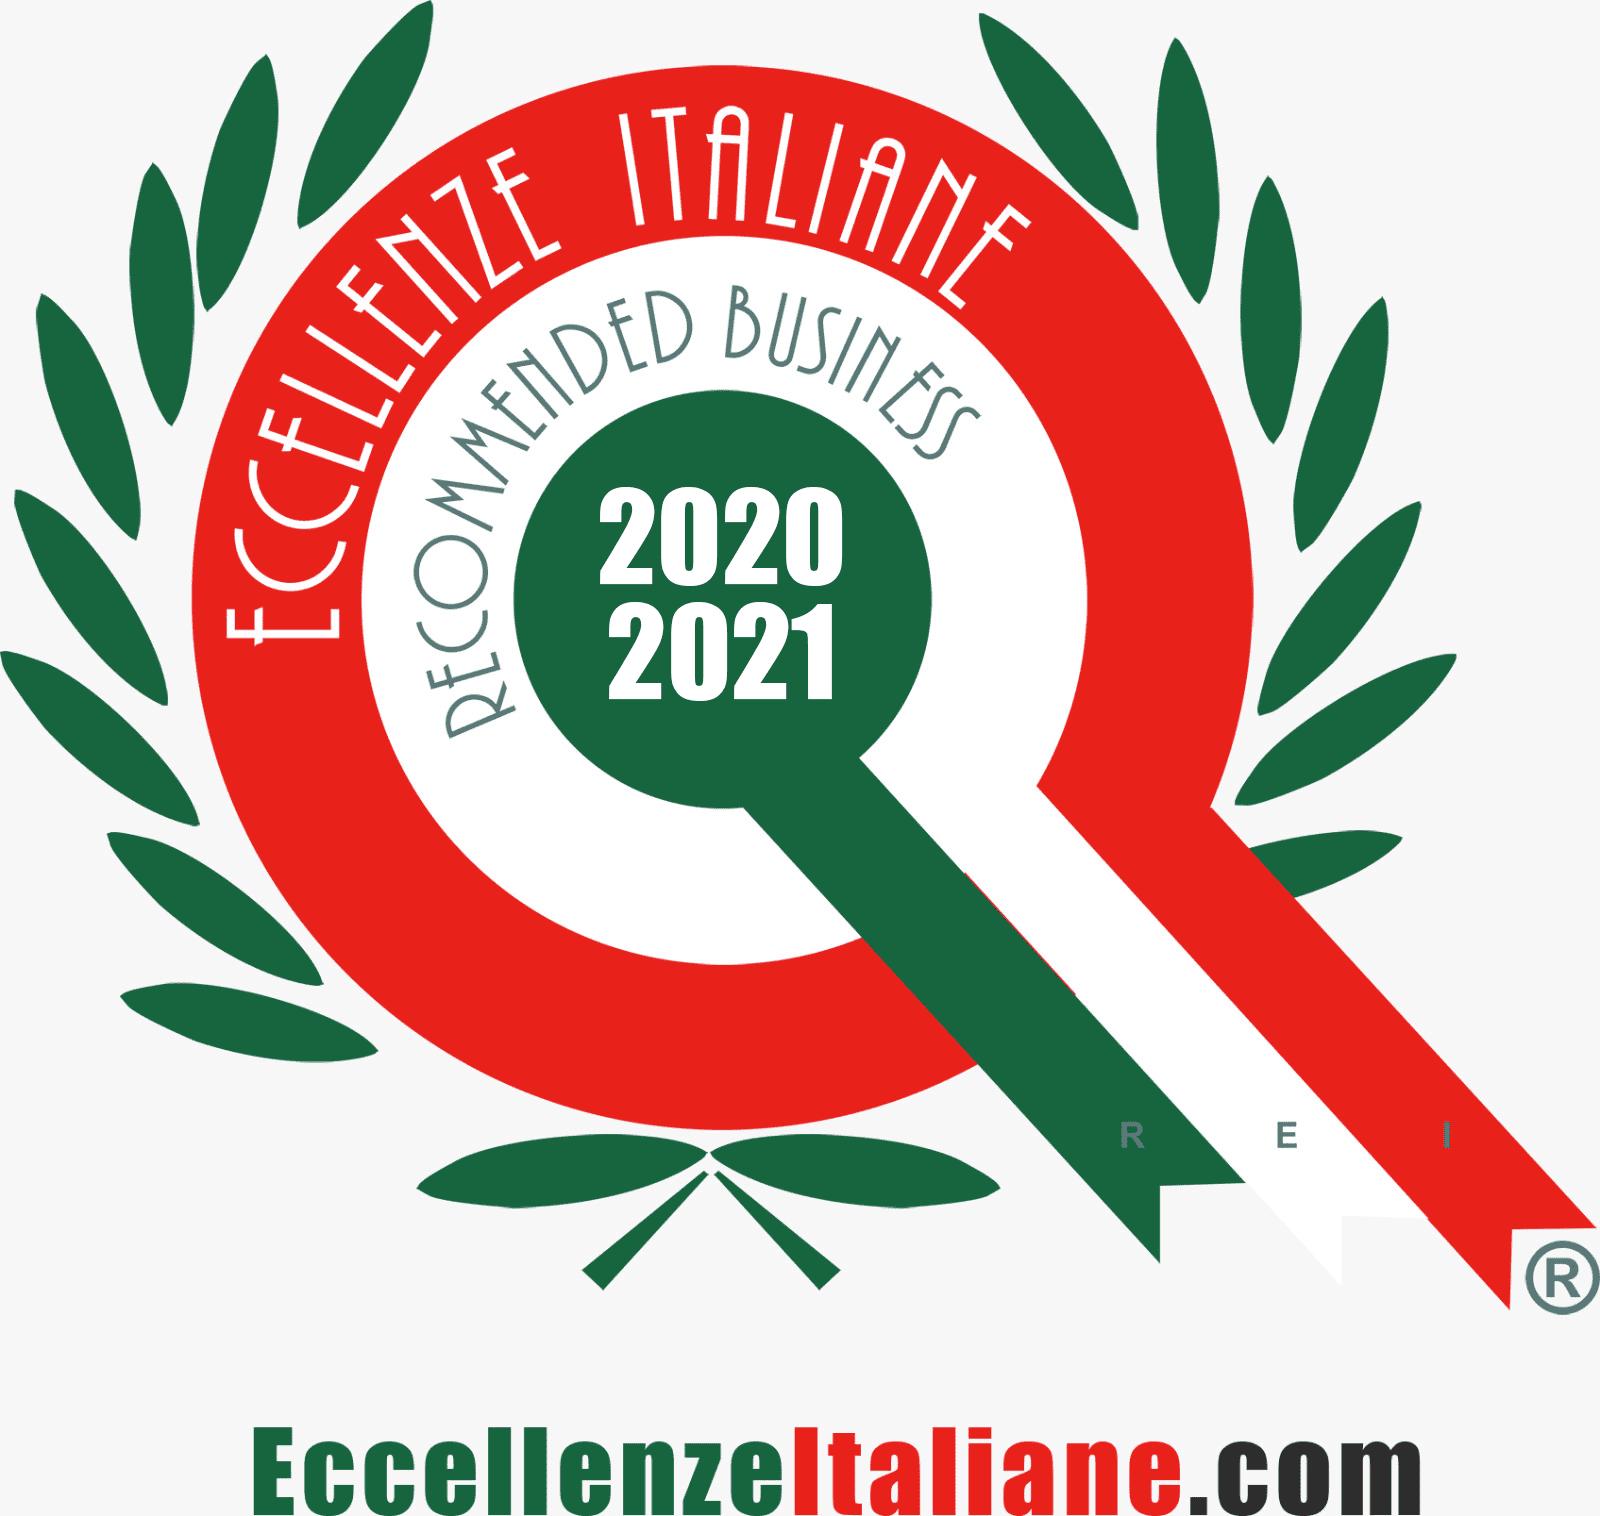 ECCELLENZA ITALIANA | Torrigiani Agri & Garden S.r.l.